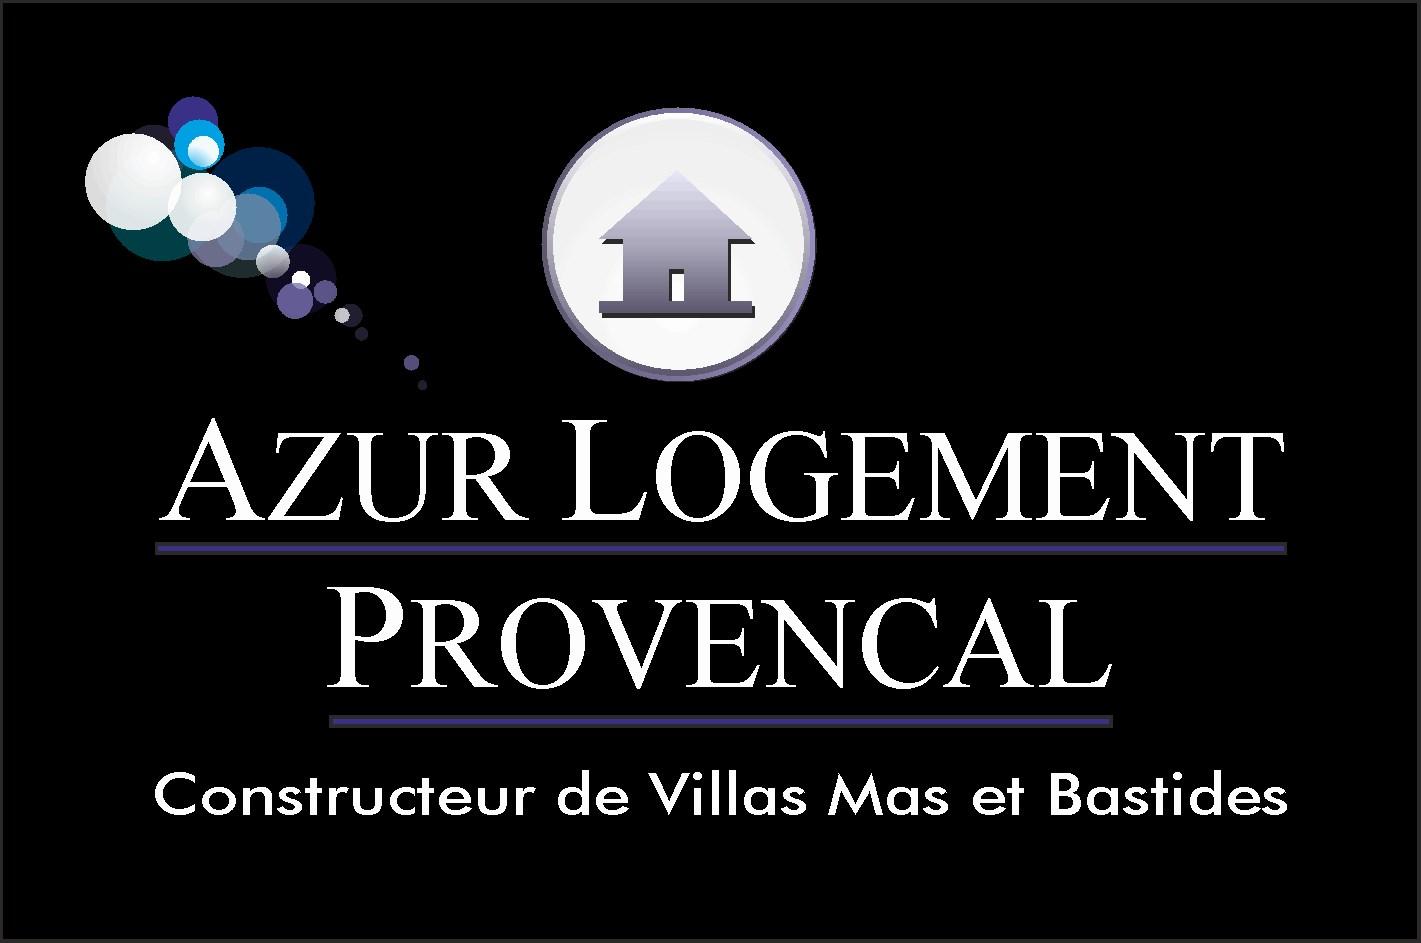 AZUR LOGEMENT PROVENCAL